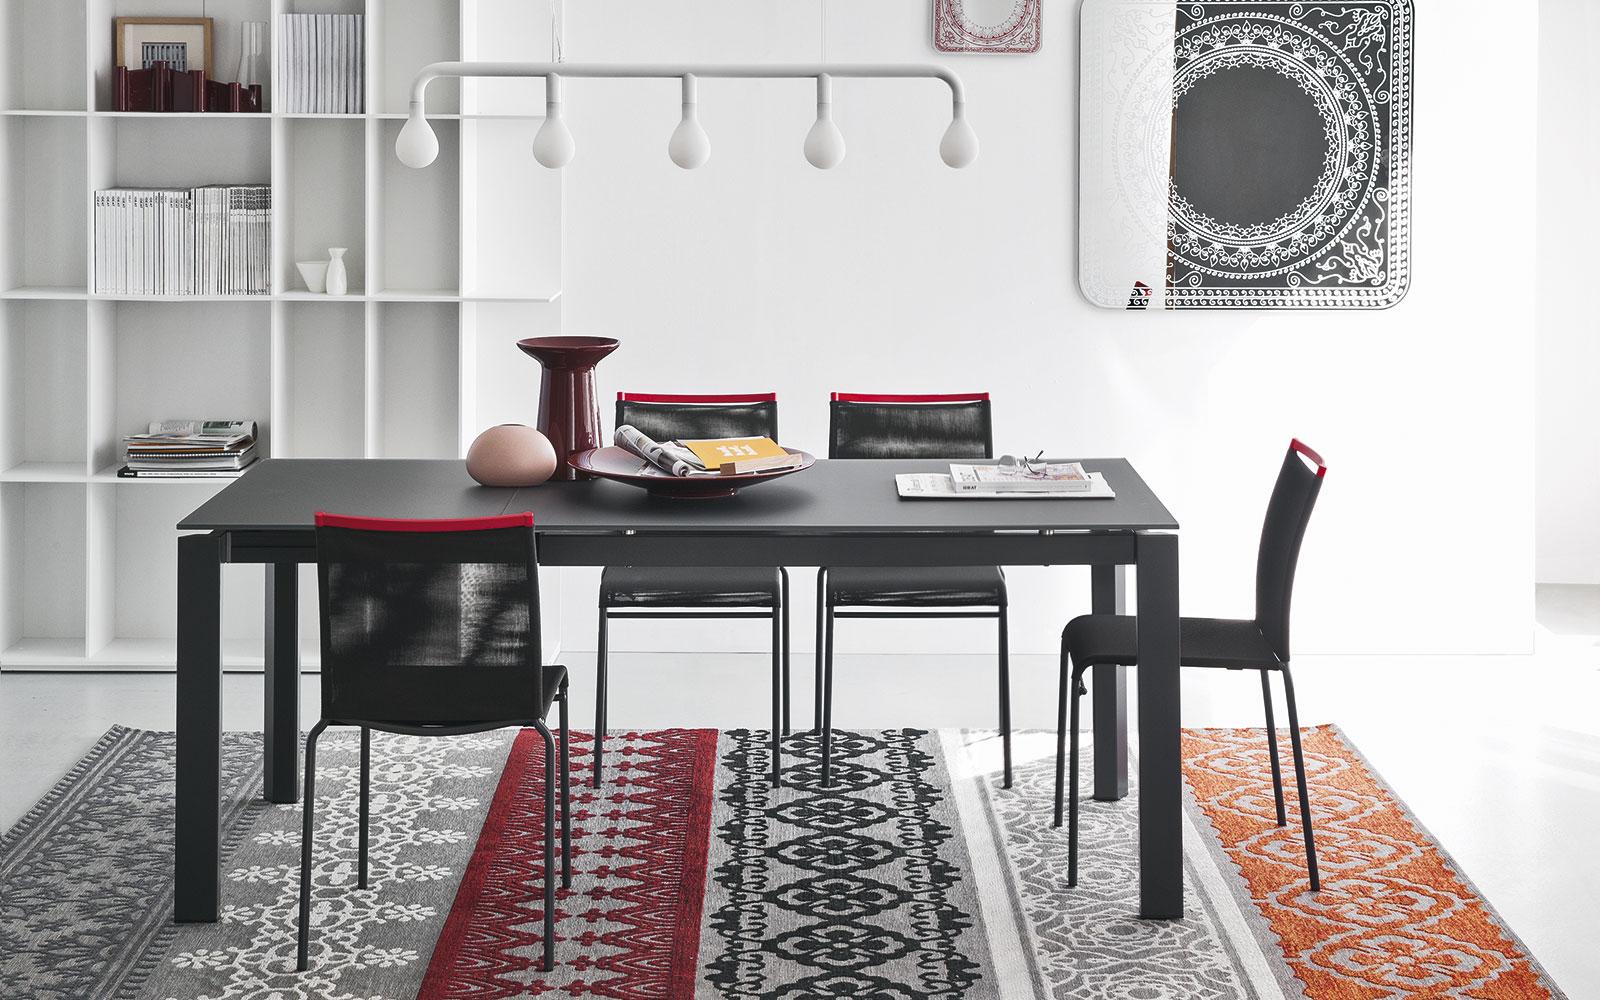 Promo Calligaris Tavoli in ceramica al prezzo del vetro